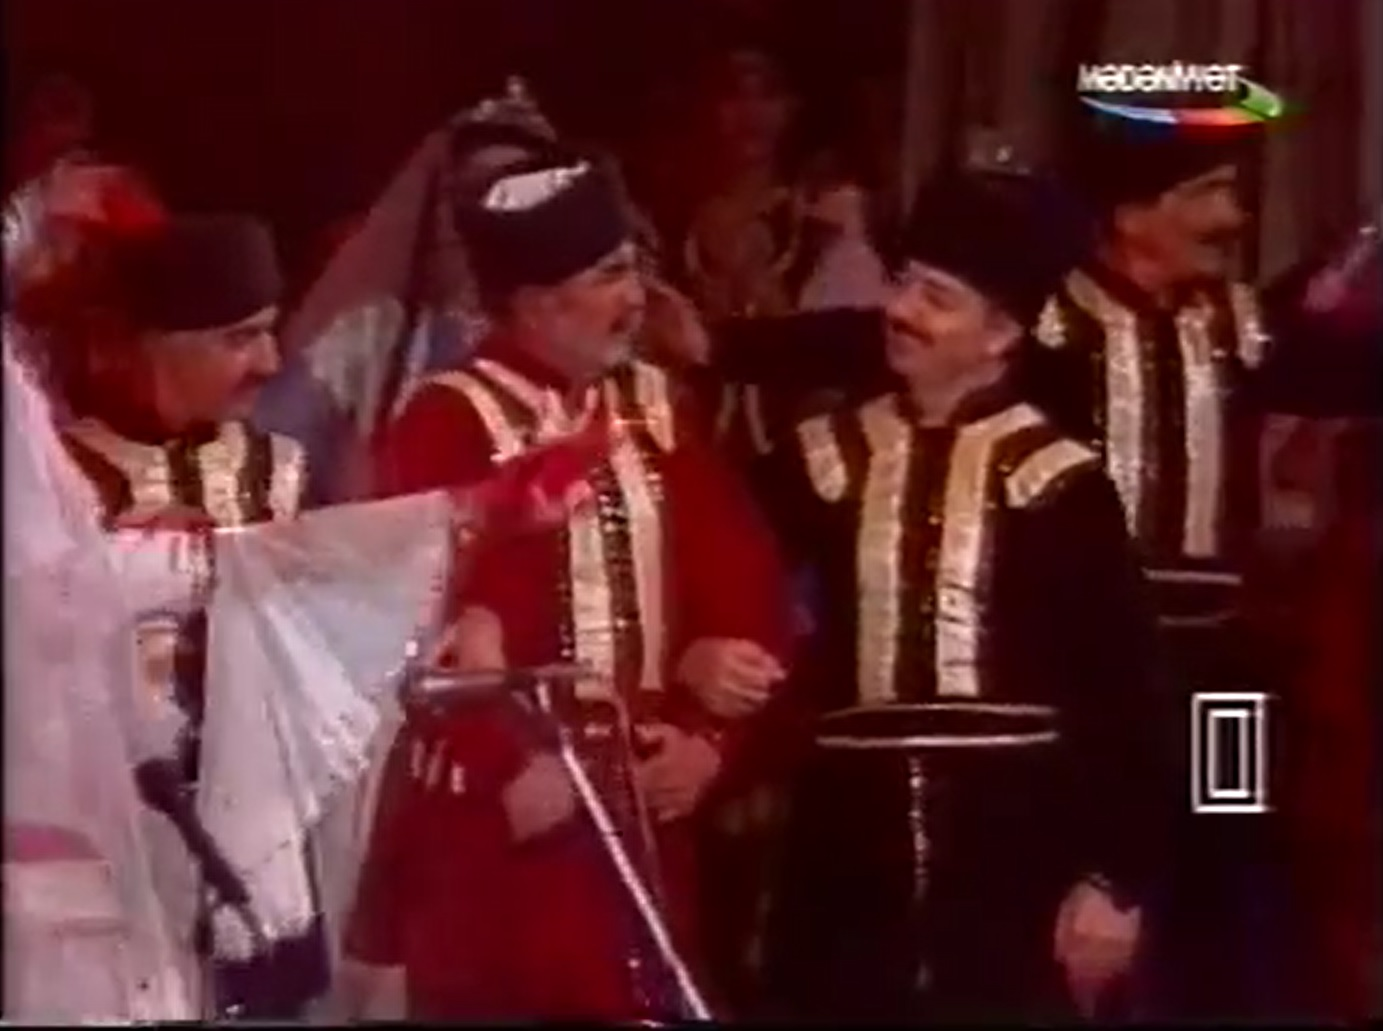 رقص آذری گنجلیک- آموزش و اجرا در تهران-سعید عبدی 09141025954